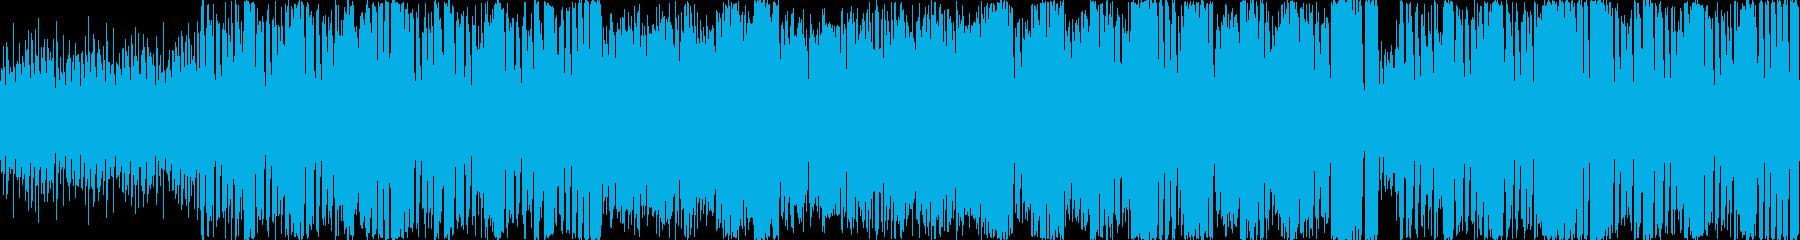 陽気で情熱的ななポップなラテン楽曲の再生済みの波形